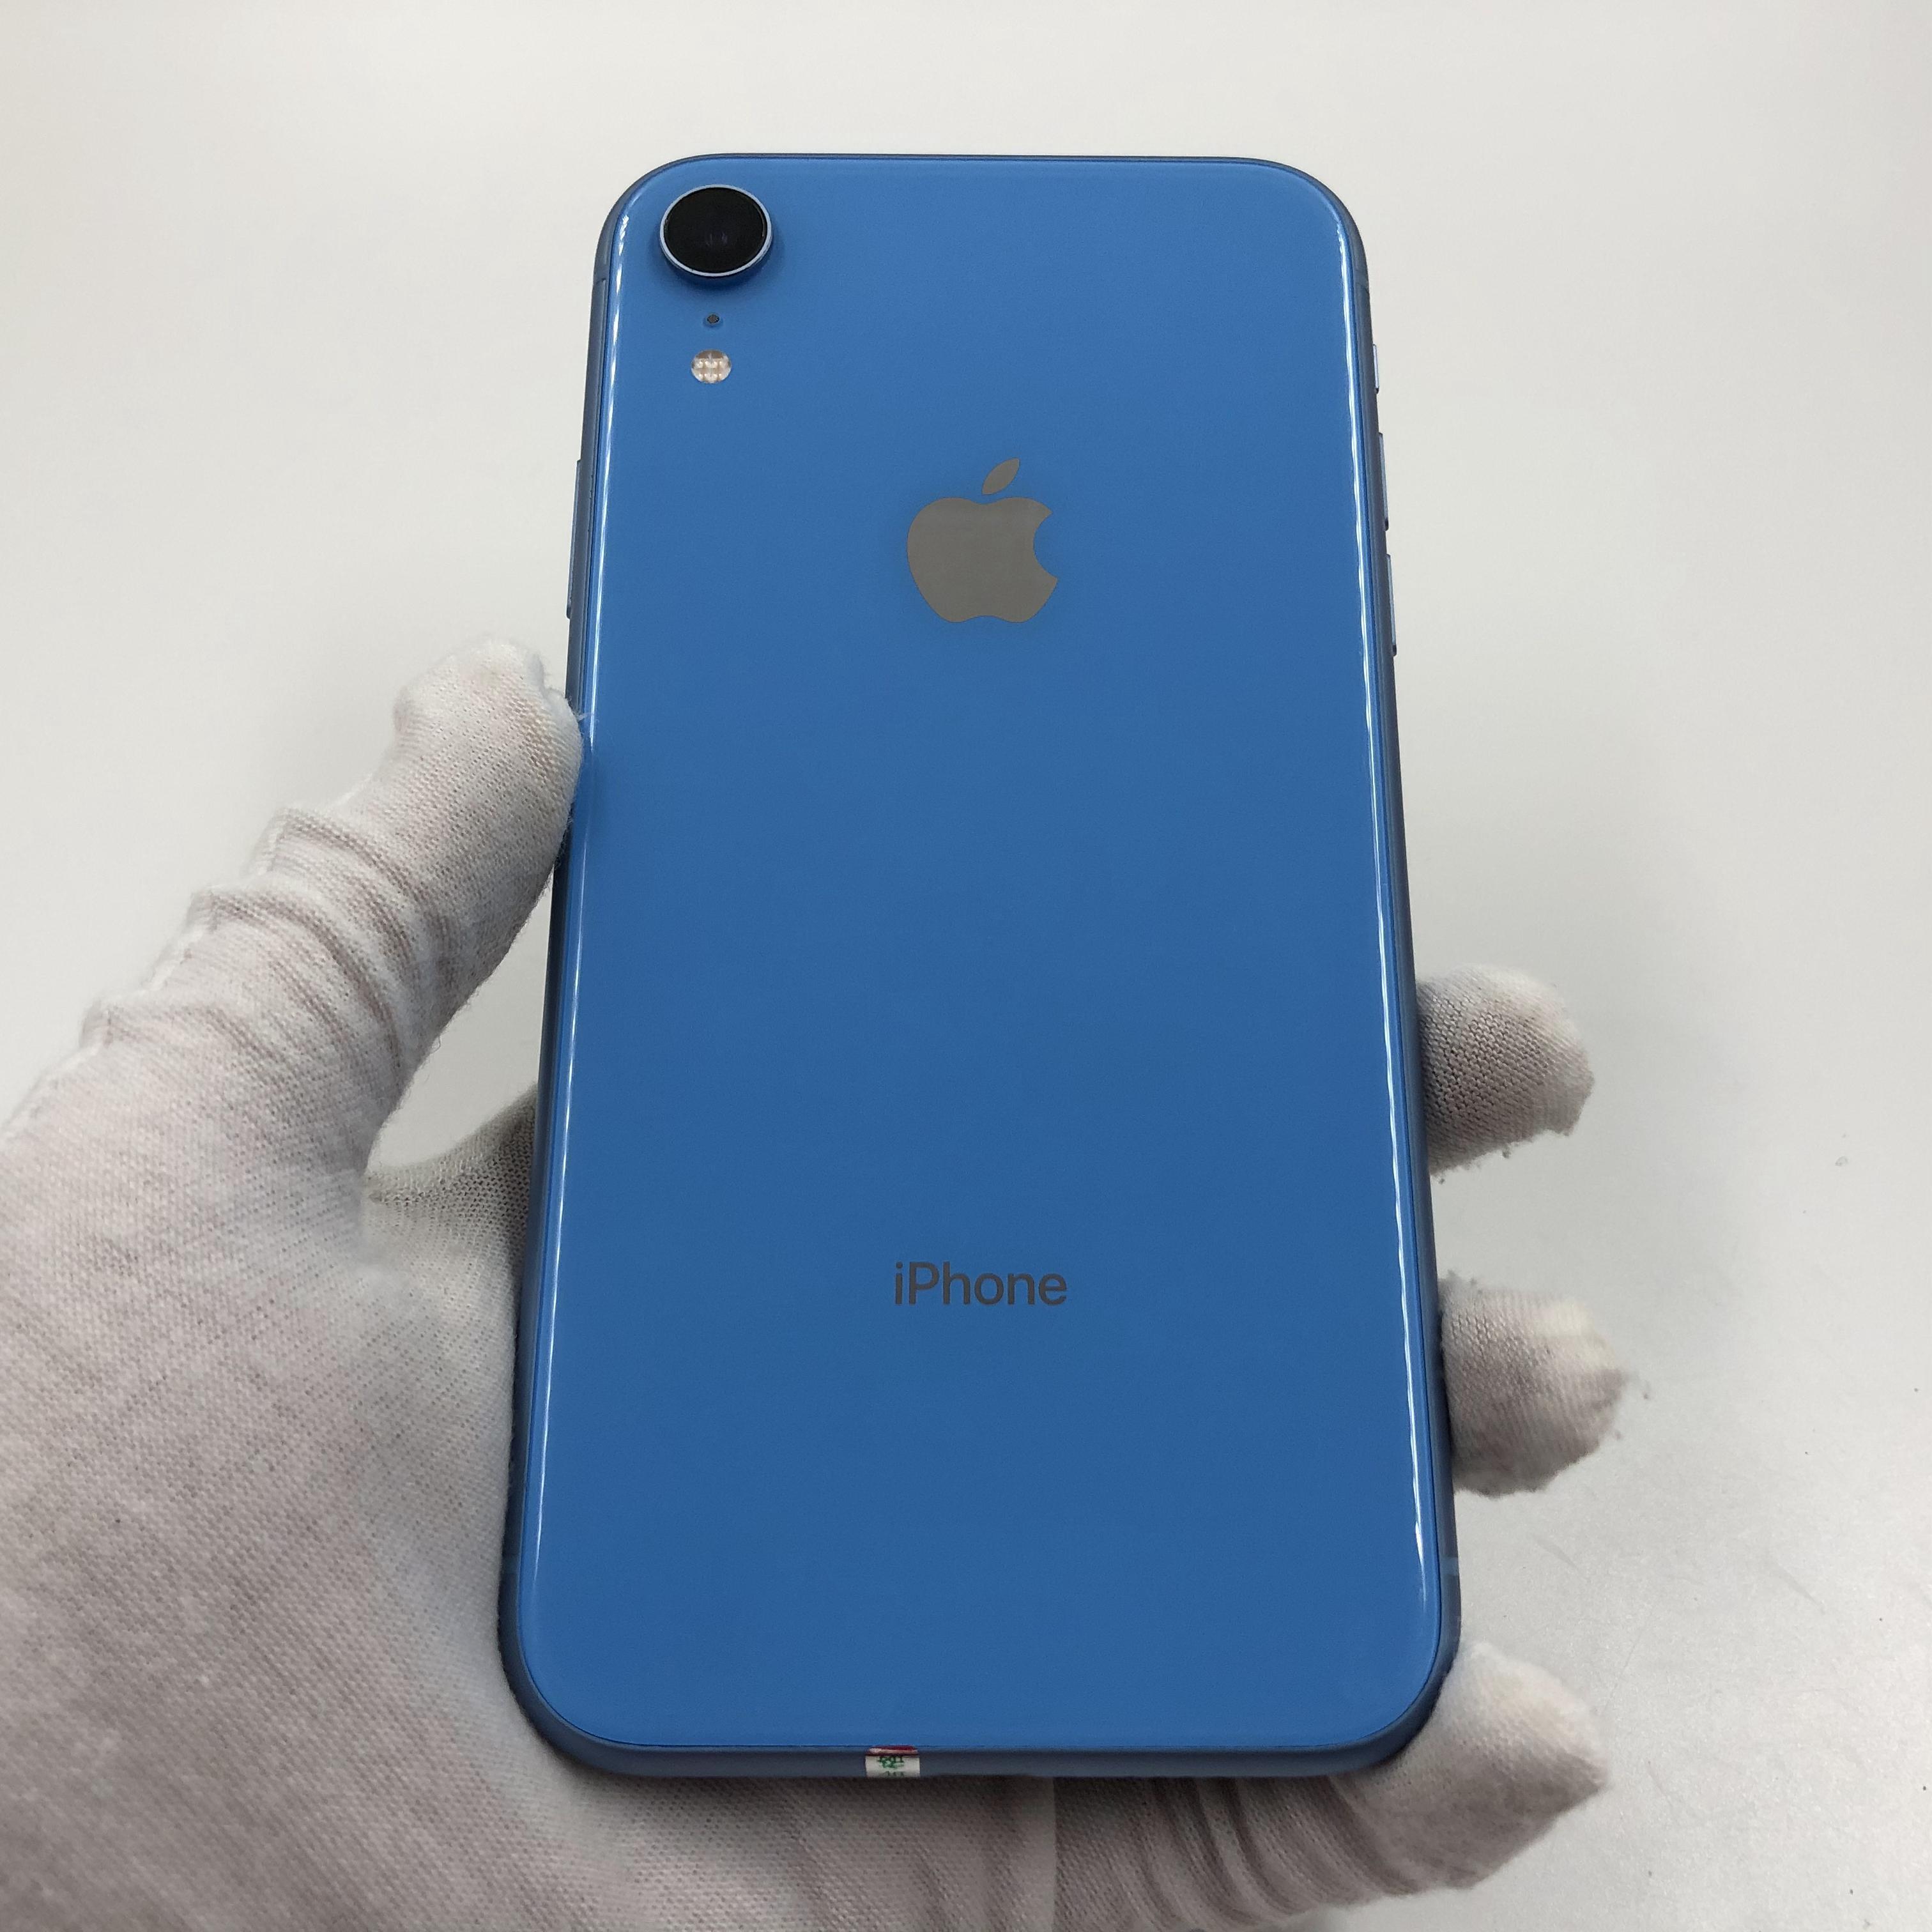 苹果【iPhone XR】4G全网通 蓝色 256G 国际版 8成新 真机实拍